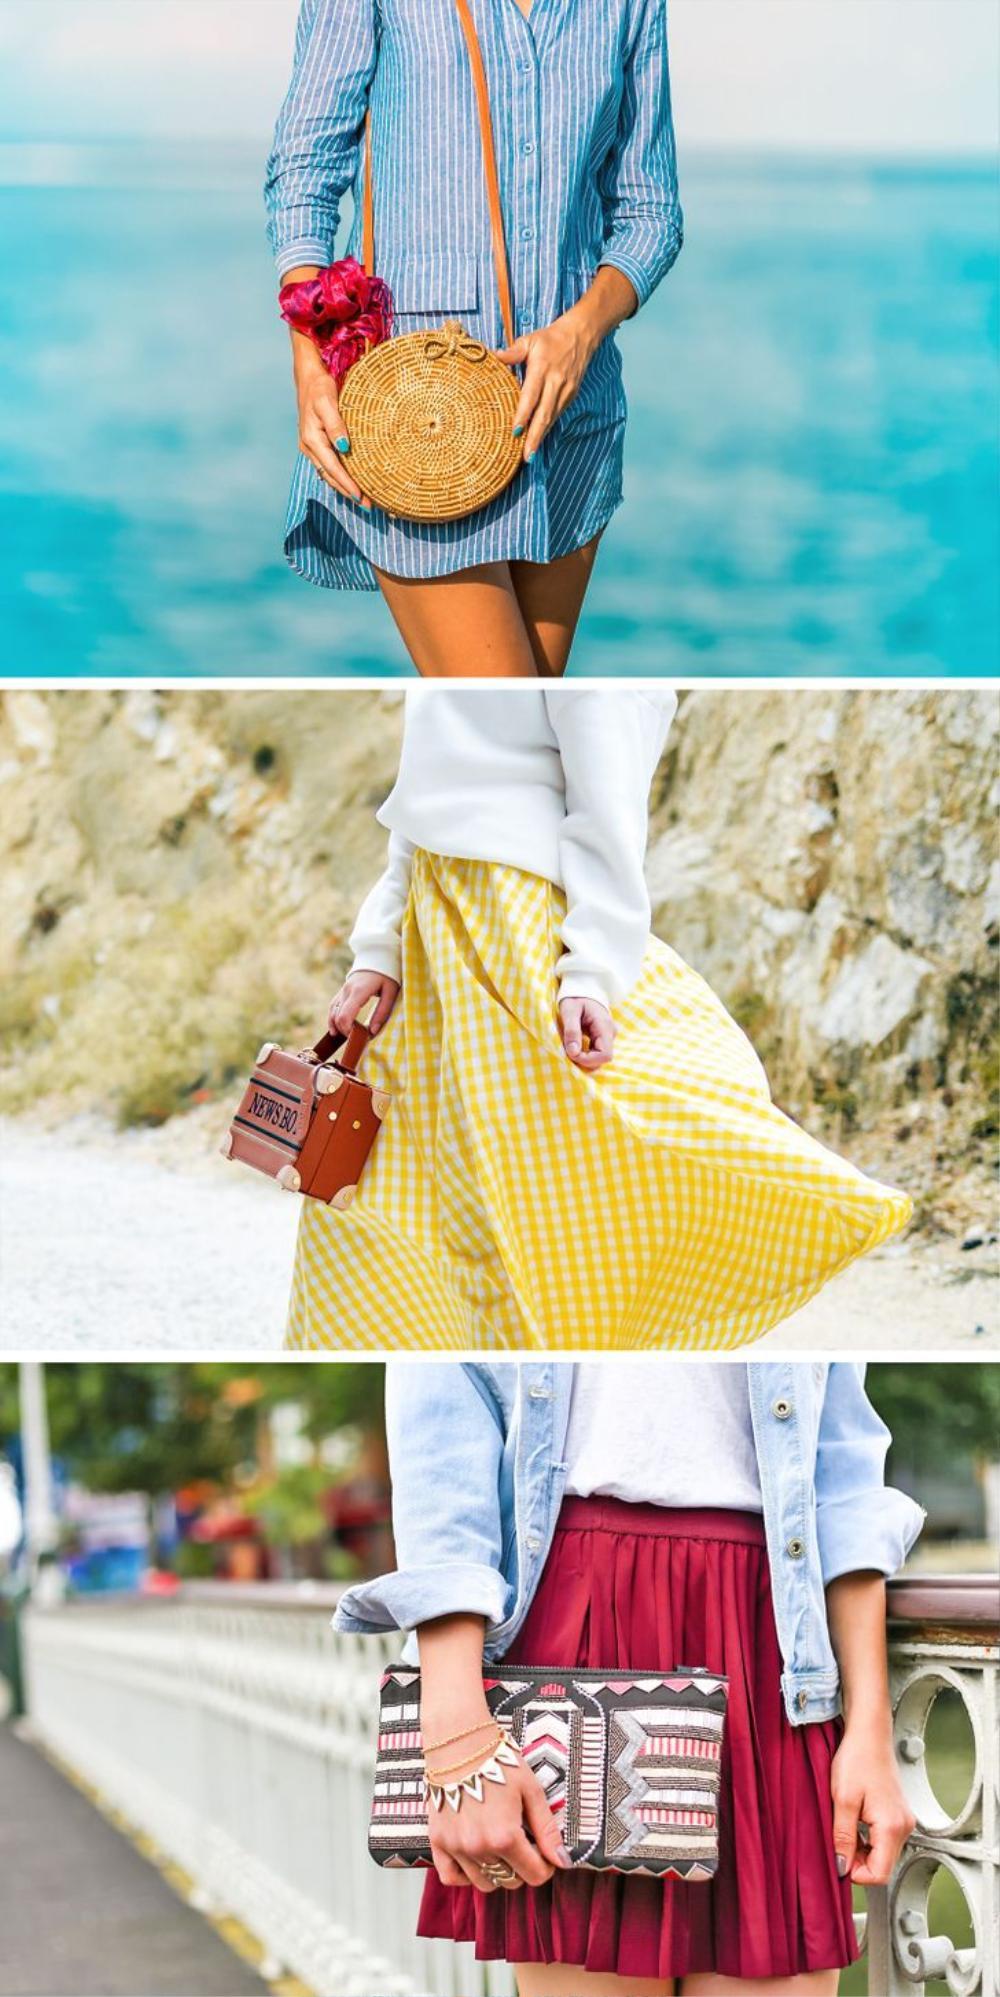 10 mẹo thời trang hô biến quần áo bình dân thành high fashion Ảnh 4